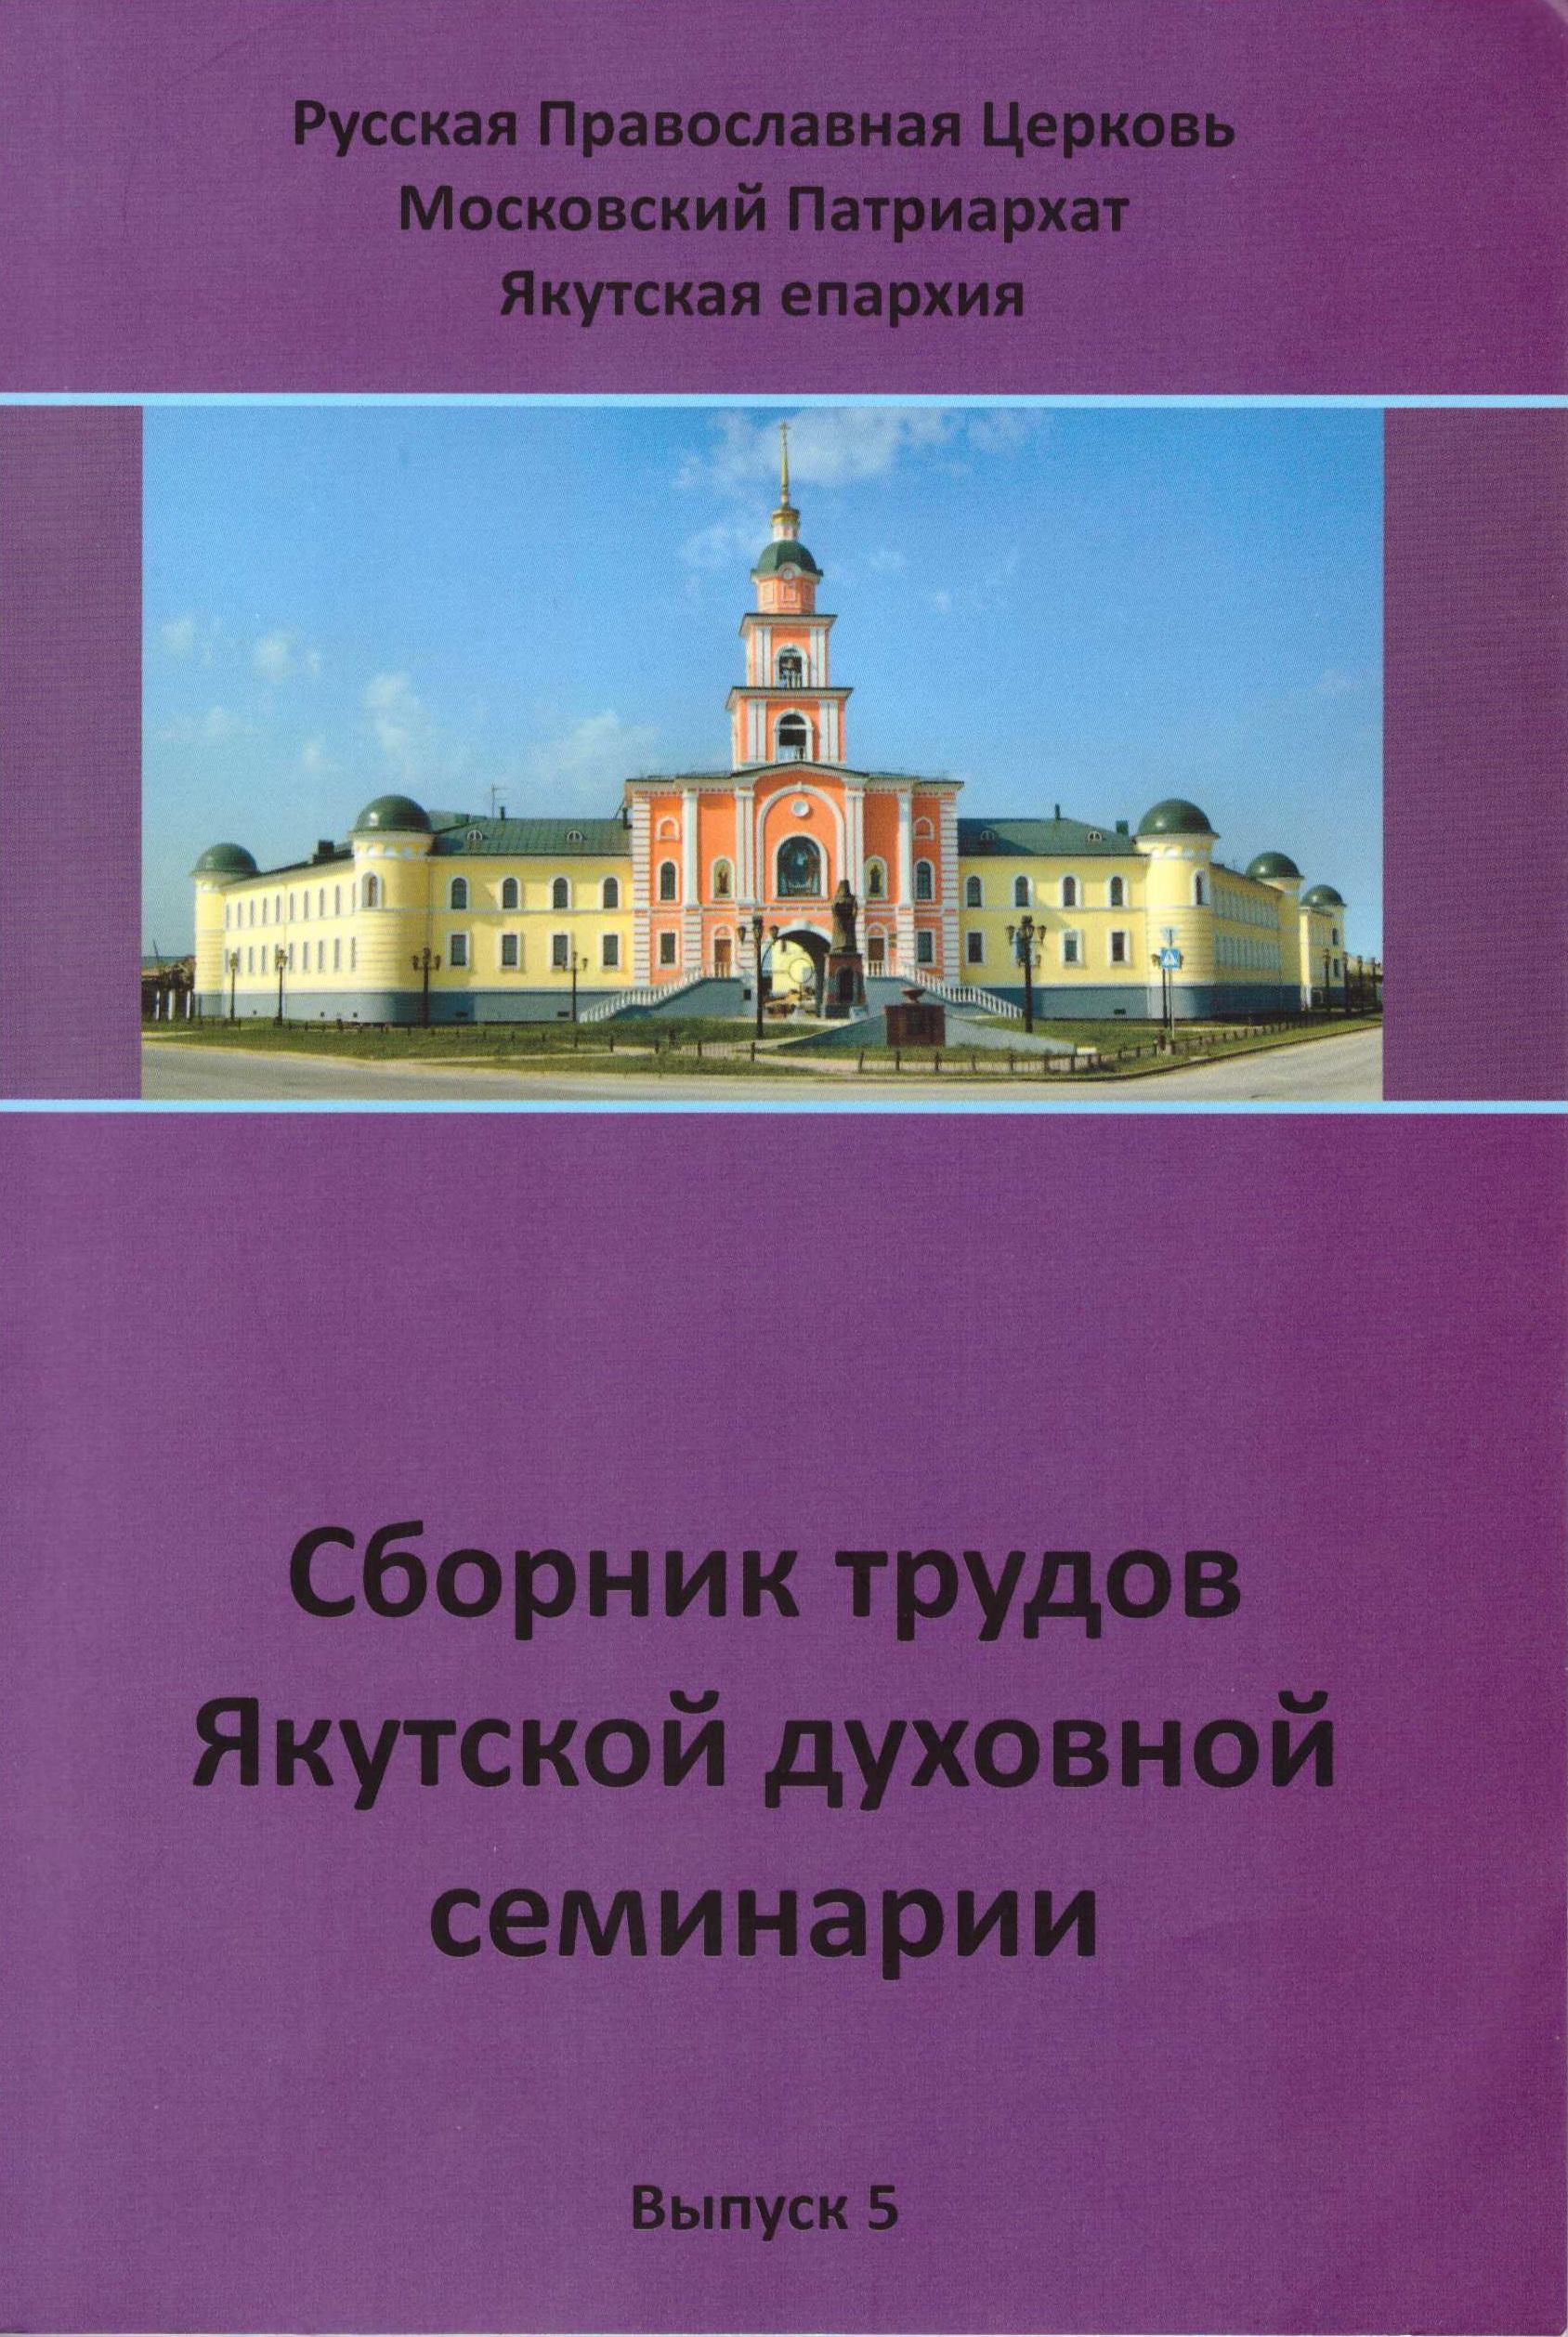 Сборник трудов Якутской духовной семинарии. Выпуск 5